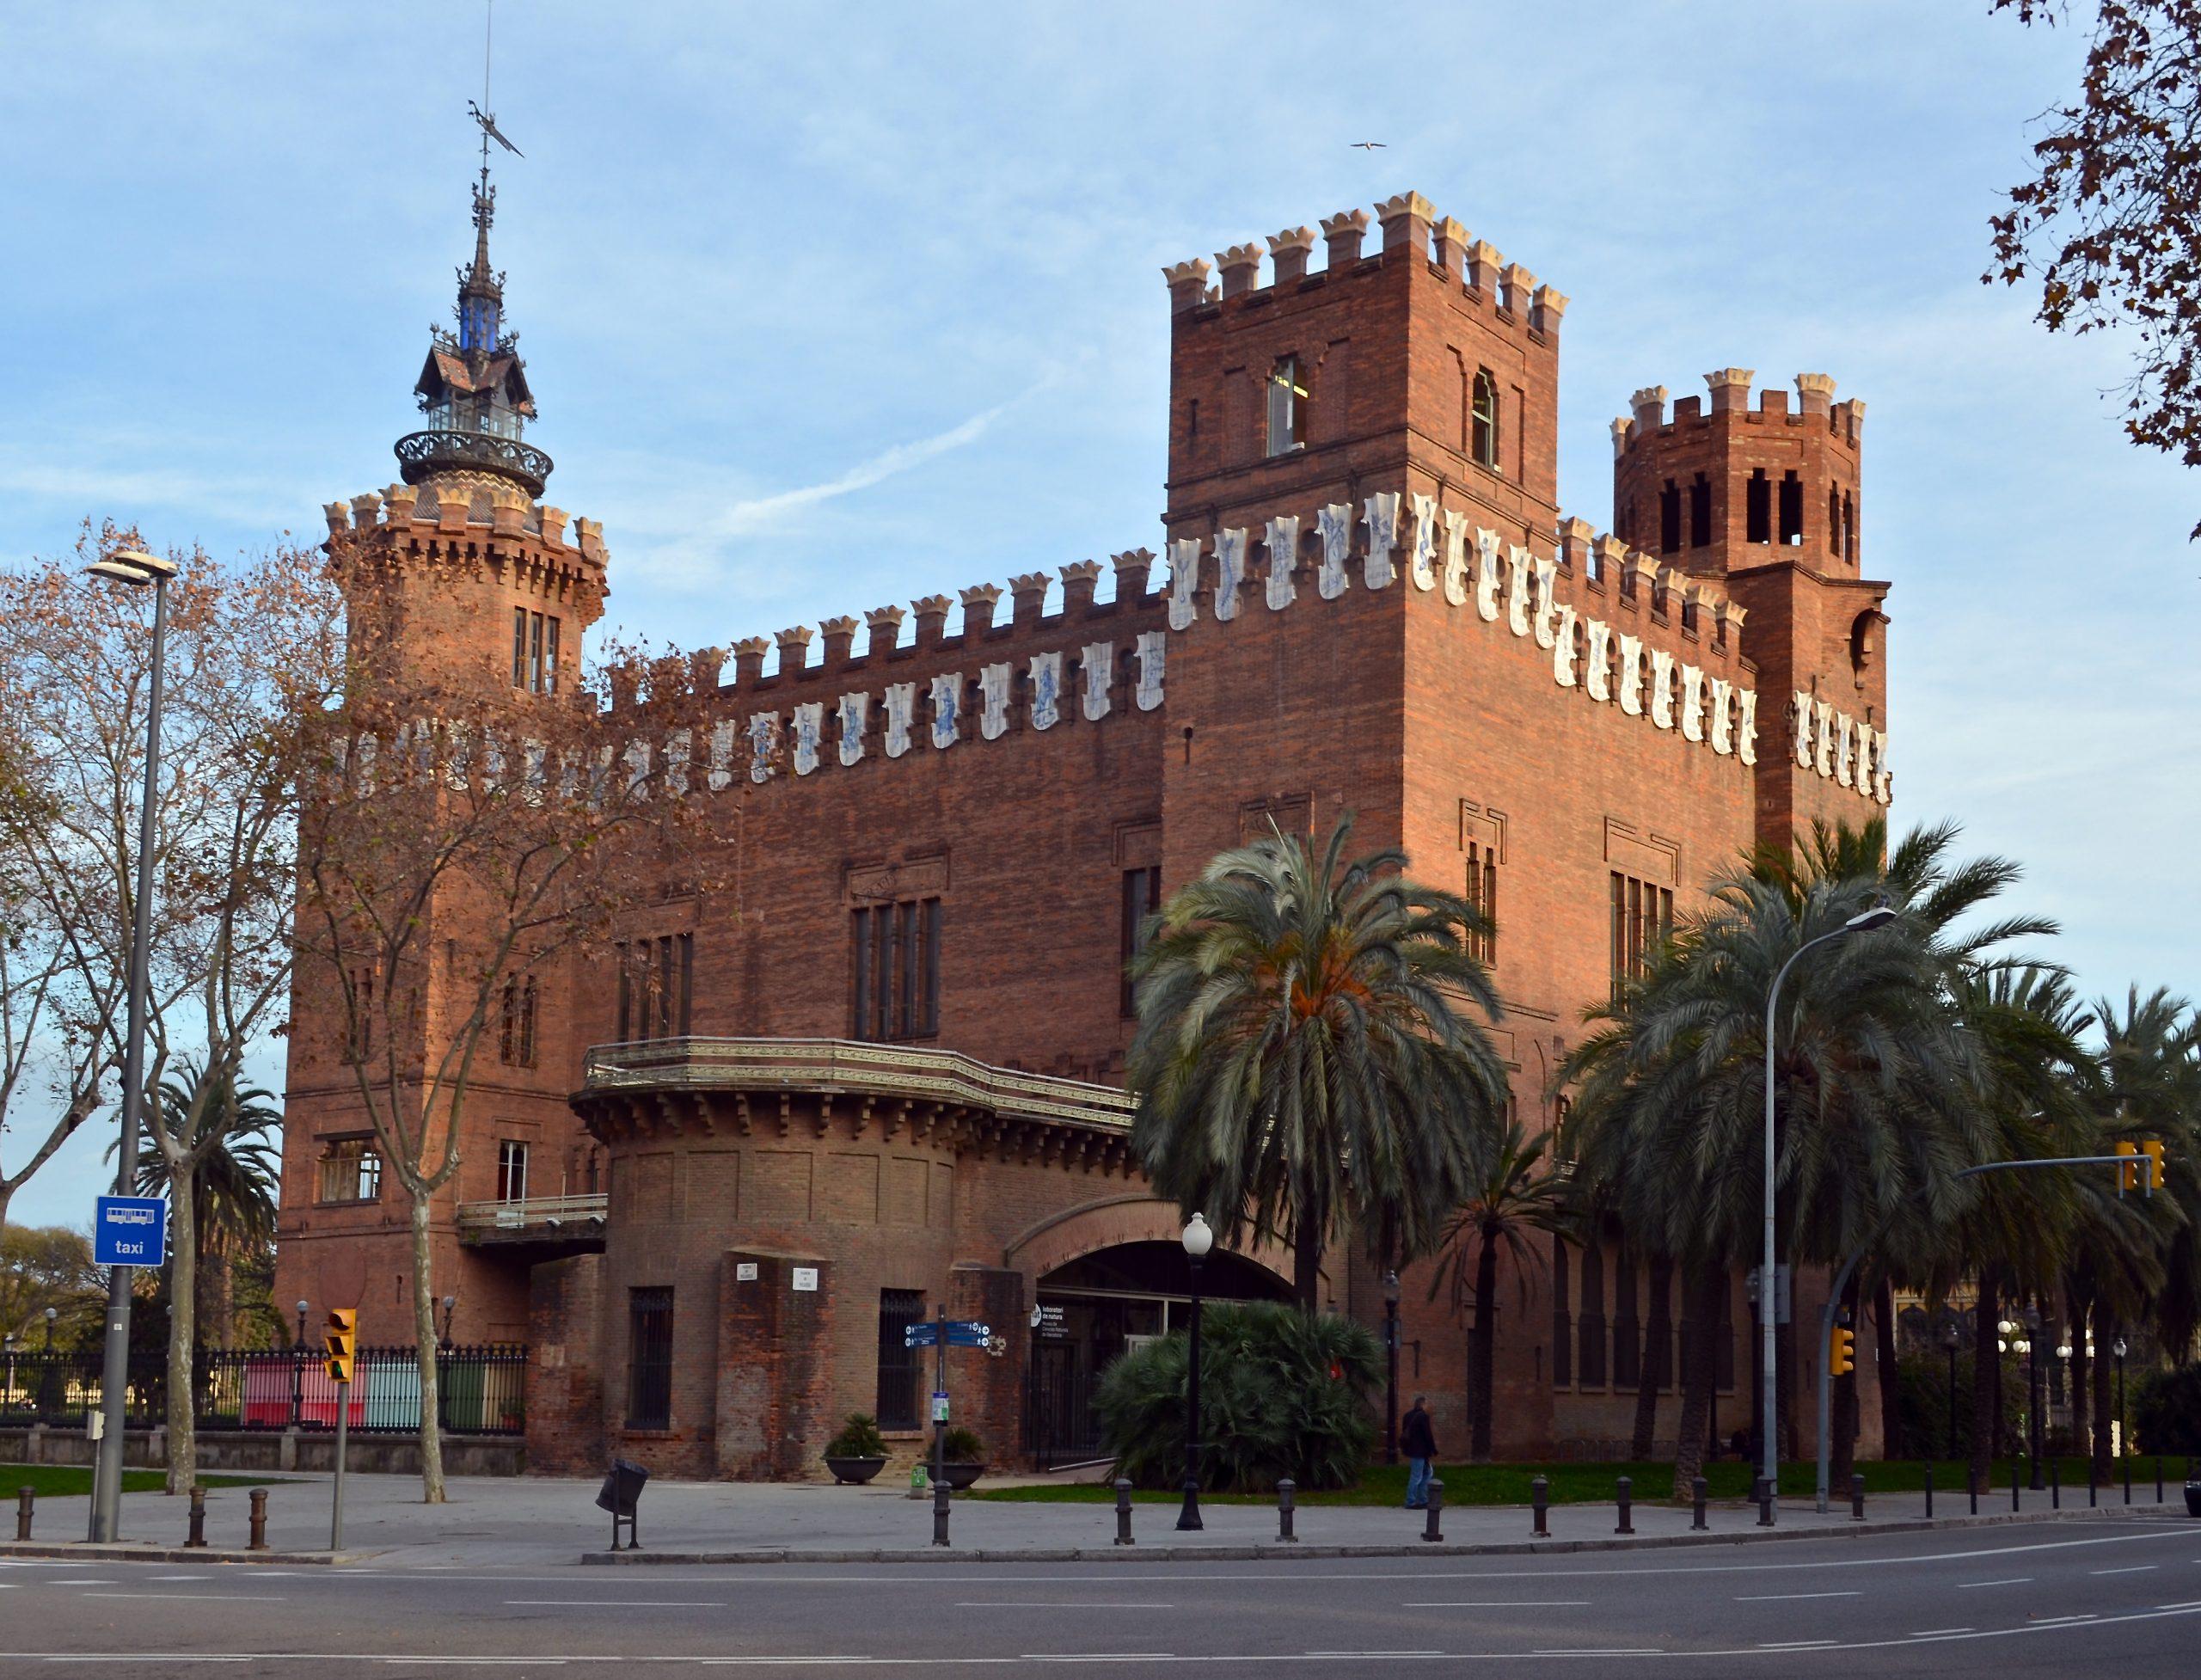 Трансформации Замка трех драконов в Барселоне